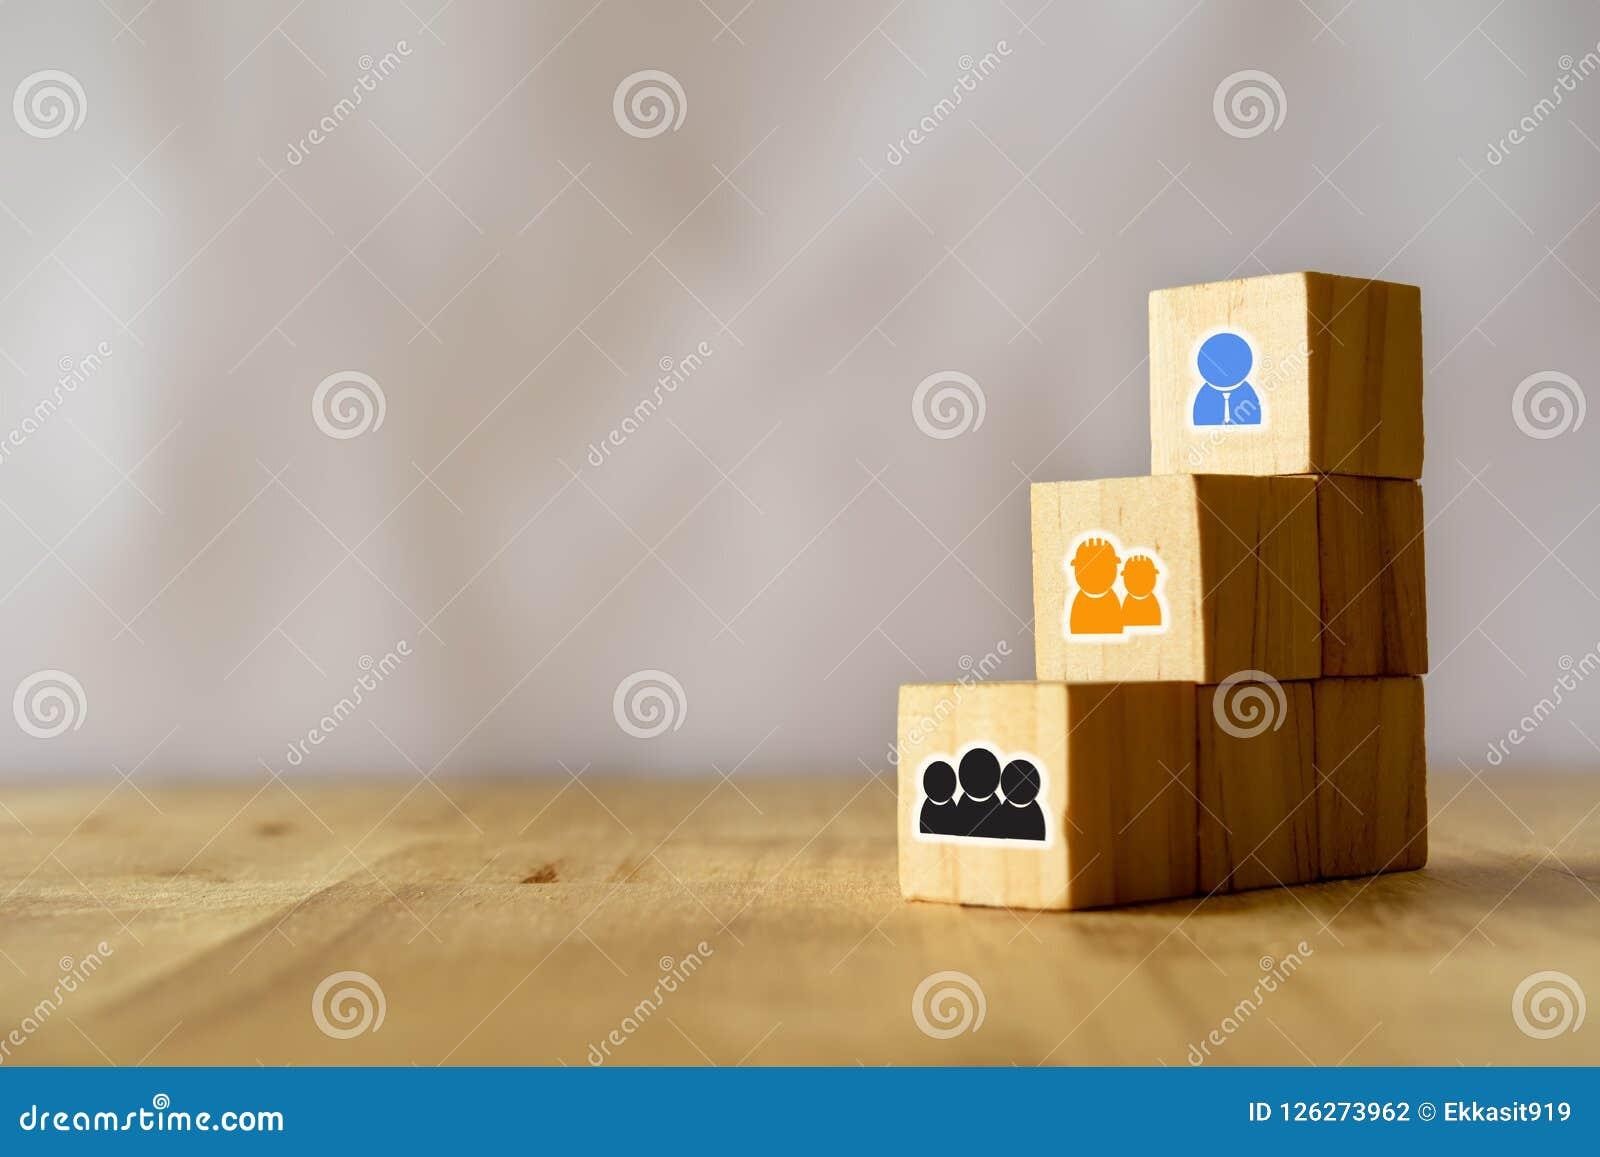 Bedrijfsconcept, de structuur van team met inbegrip van arbeider, verrichting, personeel, trog en ceo of werkgever stap voor stap